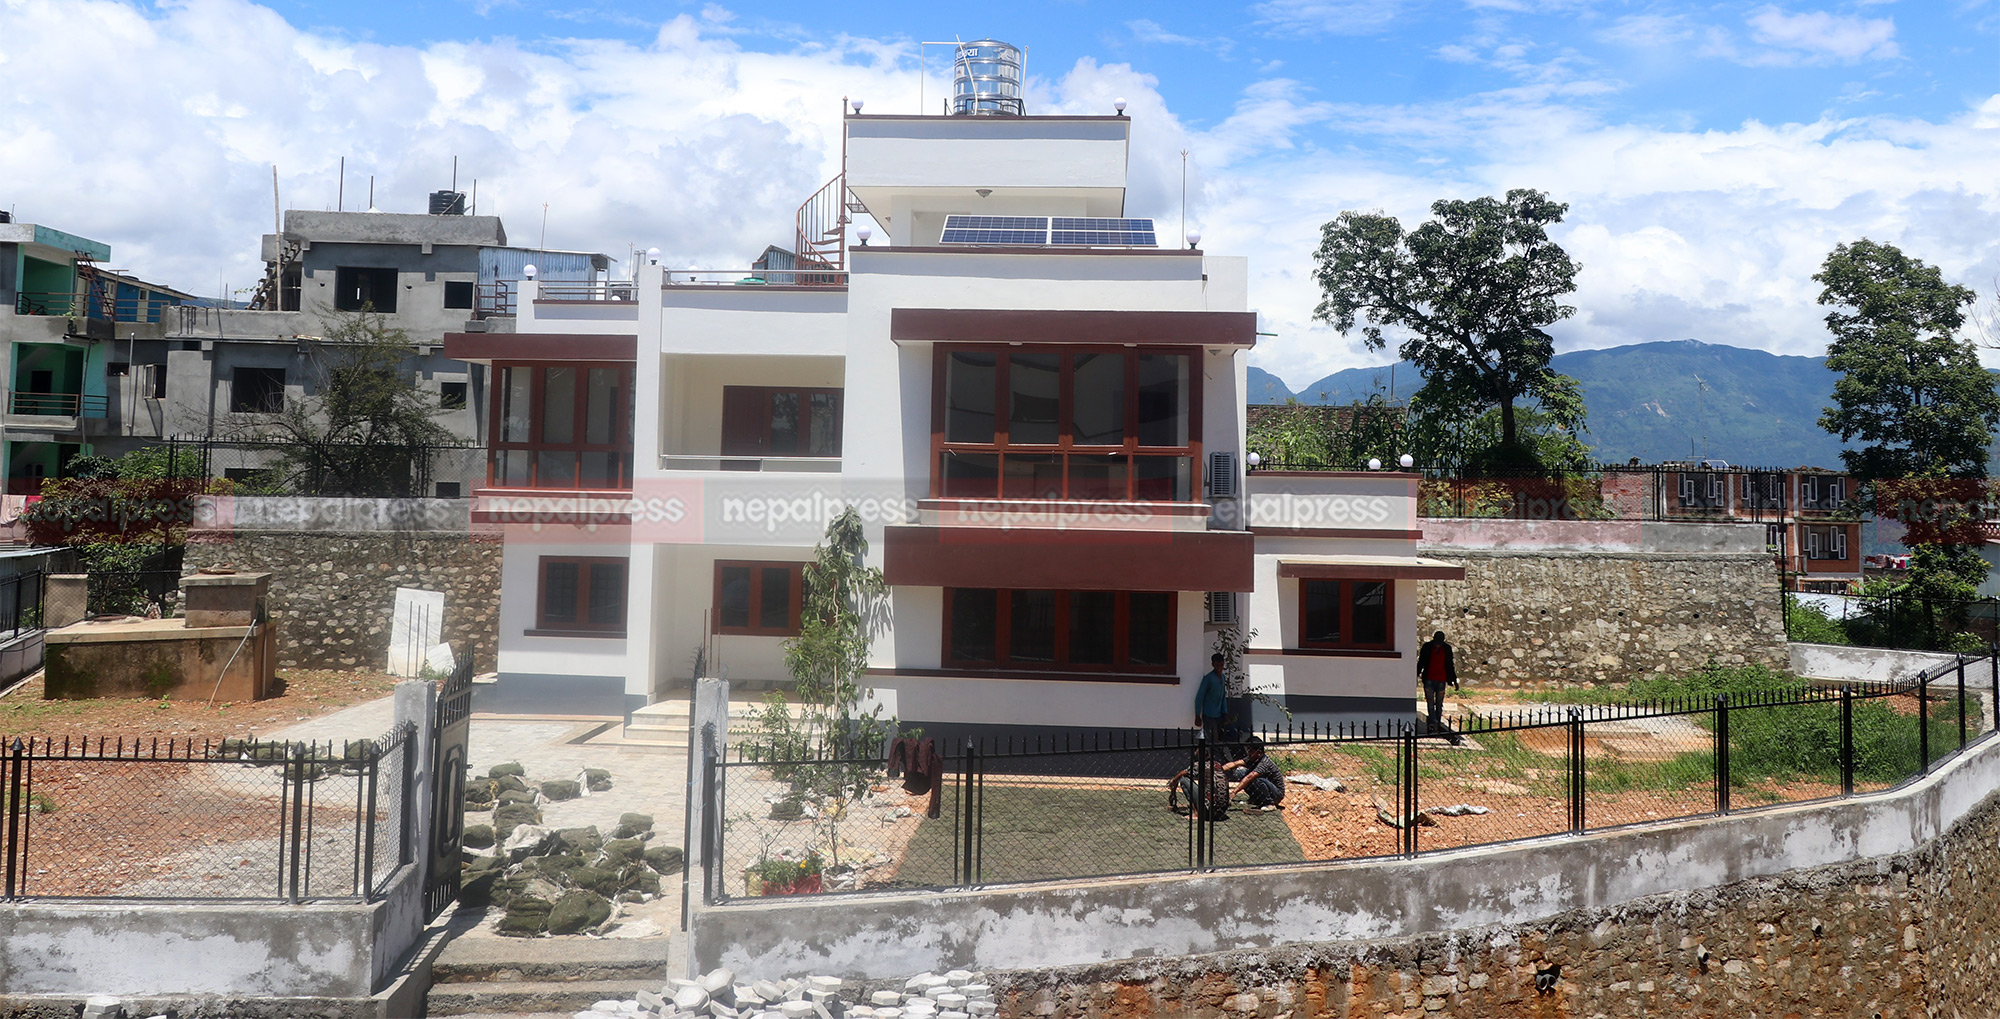 भुकम्प विनाशको 'इपिसेन्टर'- पुनर्निर्माण सकियो, रिसोर्टजस्तै सरकारी कार्यालय(तस्बिरहरु)